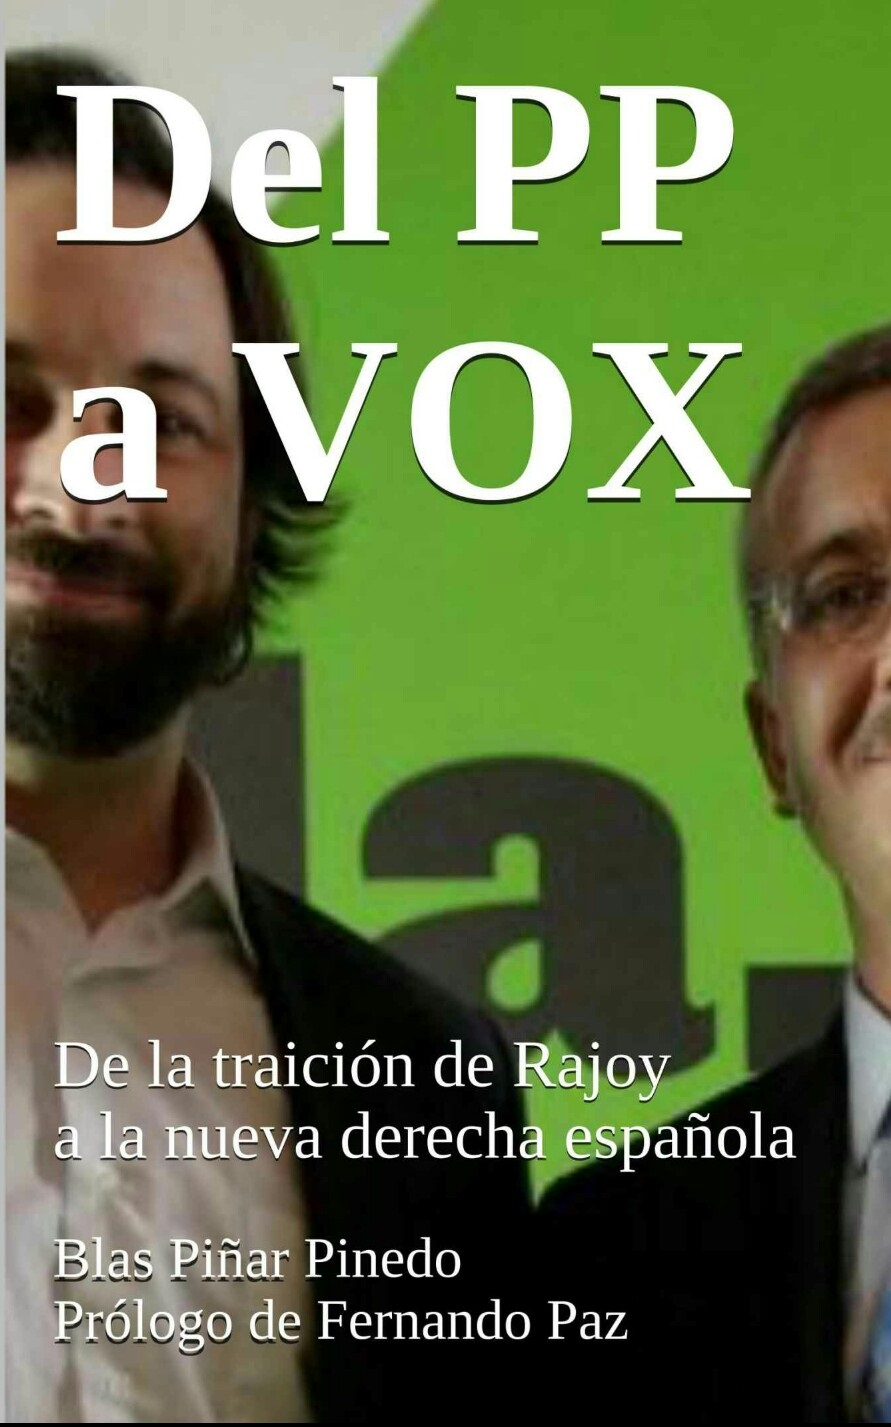 DEL PP A VOX, ebook en Amazon